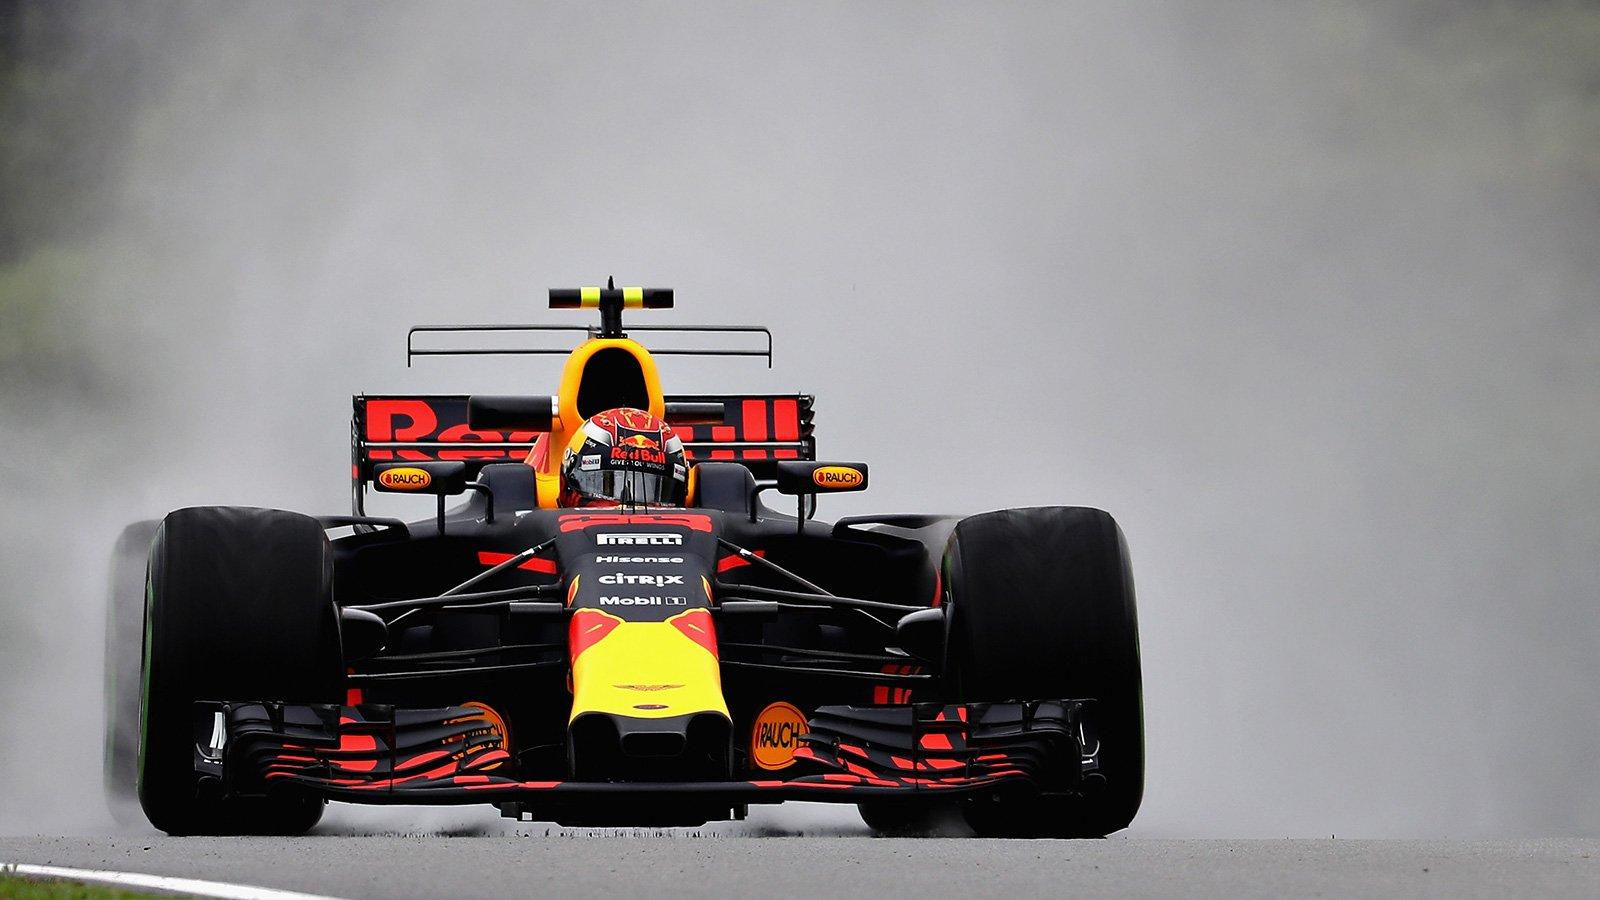 Феттель столкнулся соСтроллом после финиша Гран-при Малайзии